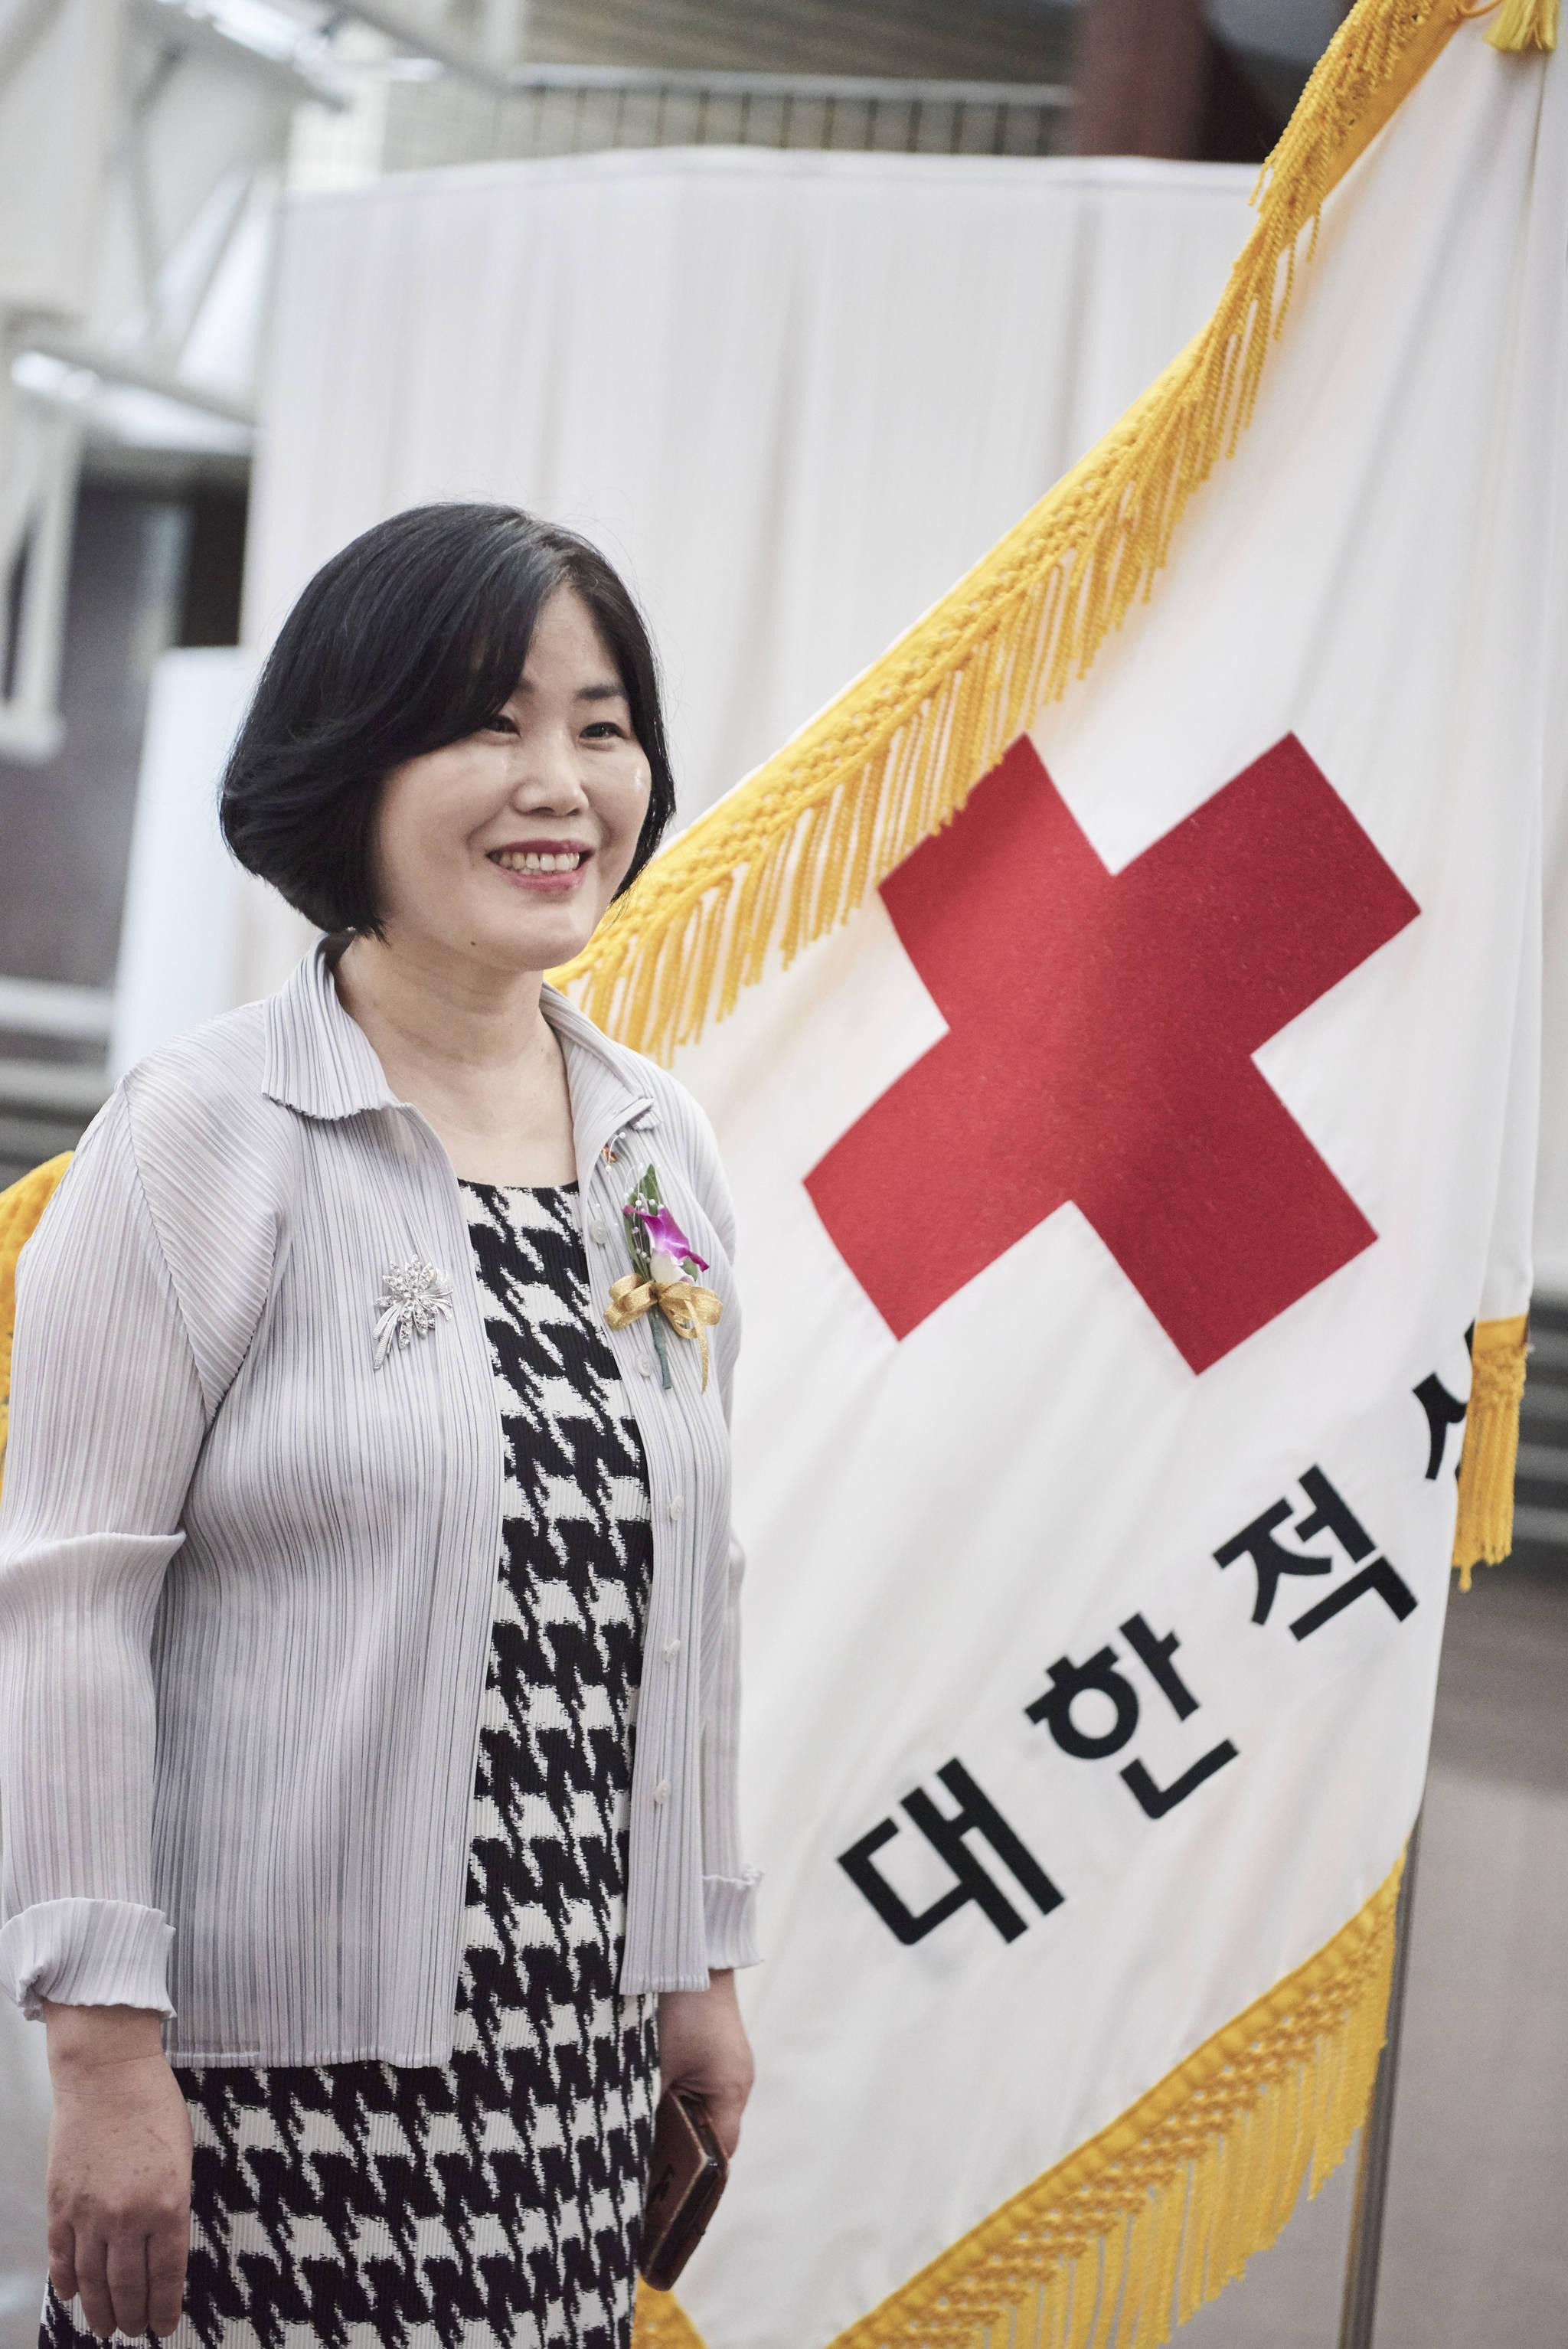 14일 헌혈자의 날을 맞아 중앙일보와 인터뷰한 김명한 대한적십자사 혈액관리본부장. [사진 대한적십자사]